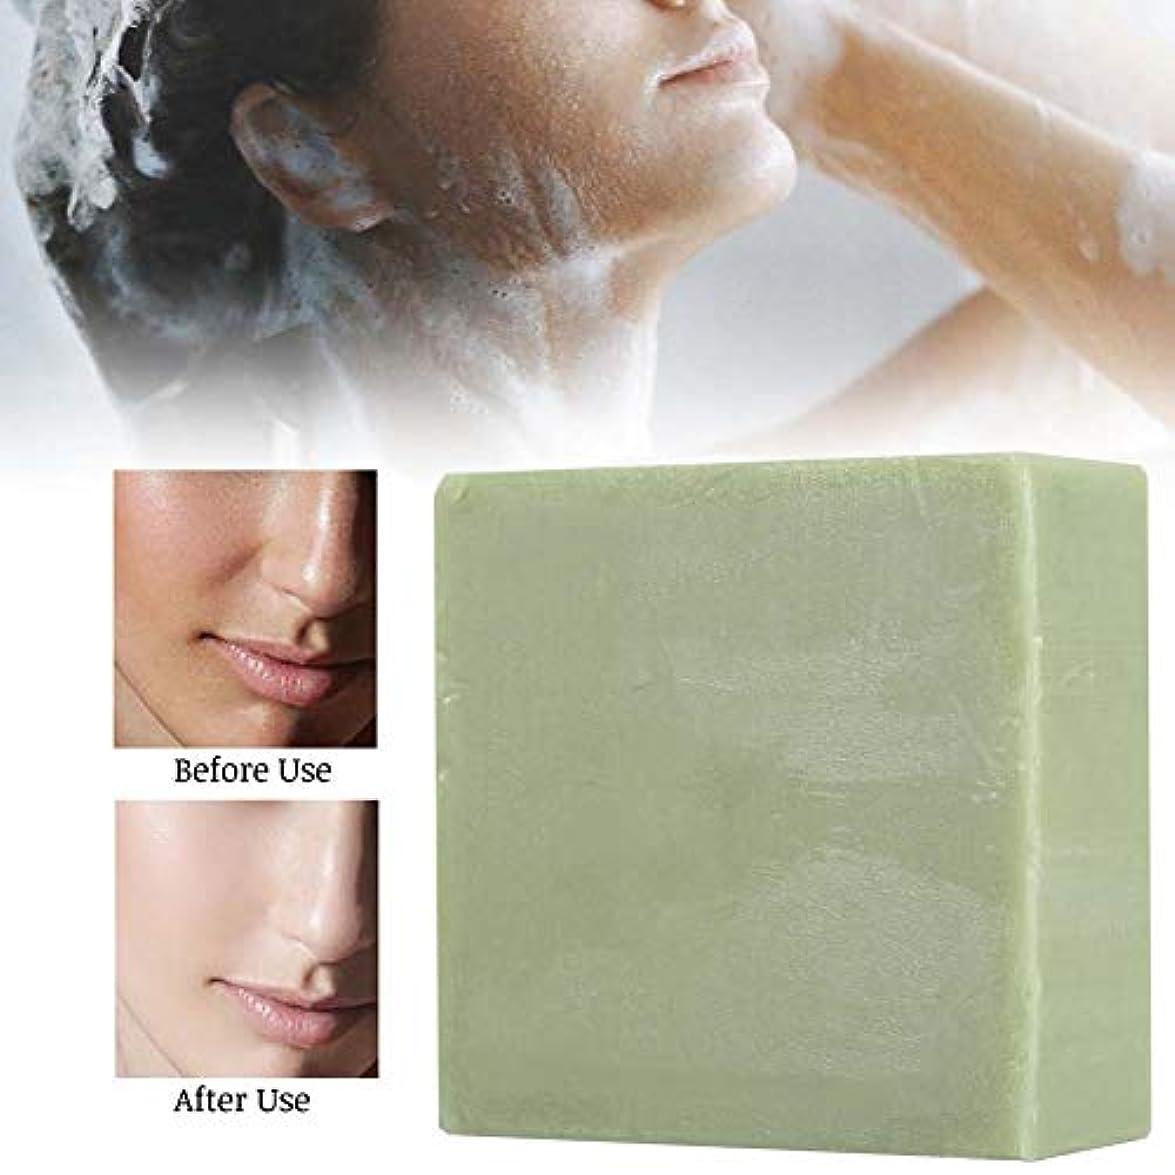 追い越すオーロック見出し手作り石鹸 ハンドメイドグリーンクレイソープ フェイシャルクリーニング 保湿フェイシャルケア バスエッセンシャルオイルソープ